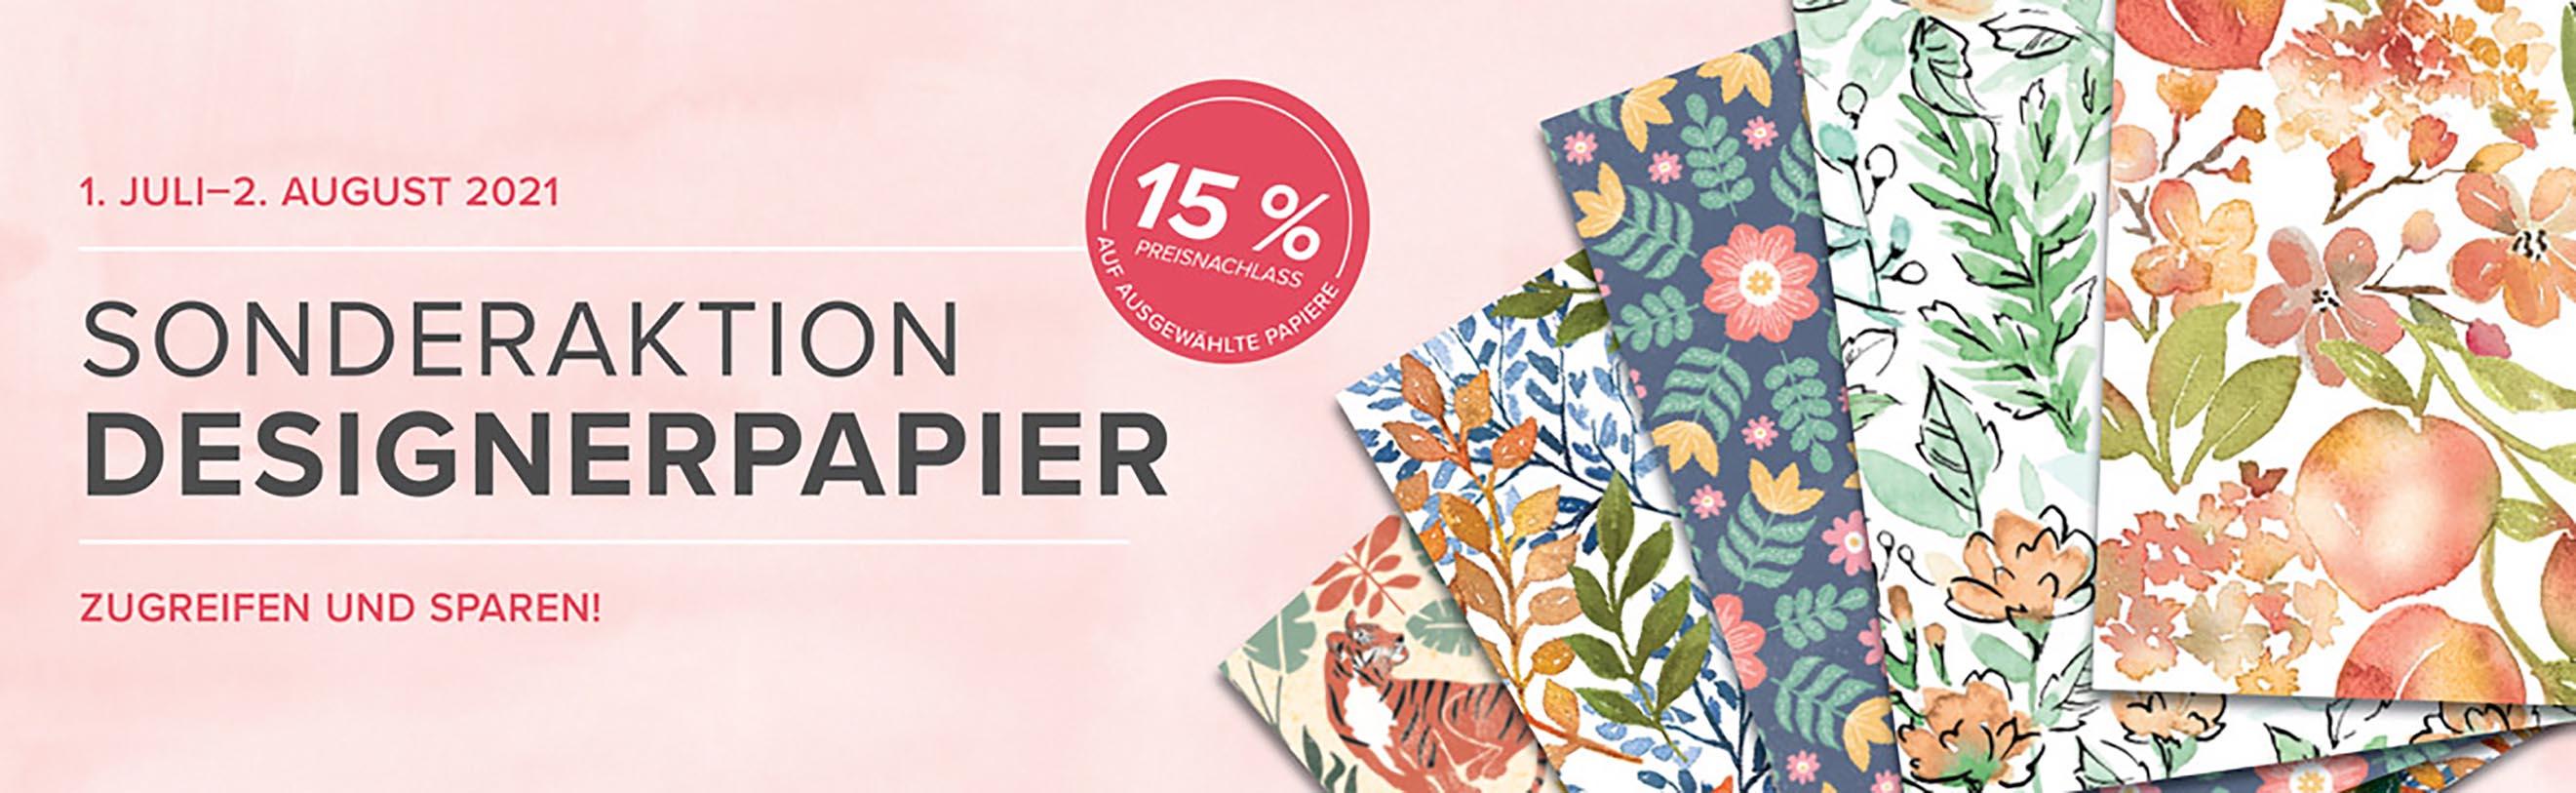 15% auf Designerpapier